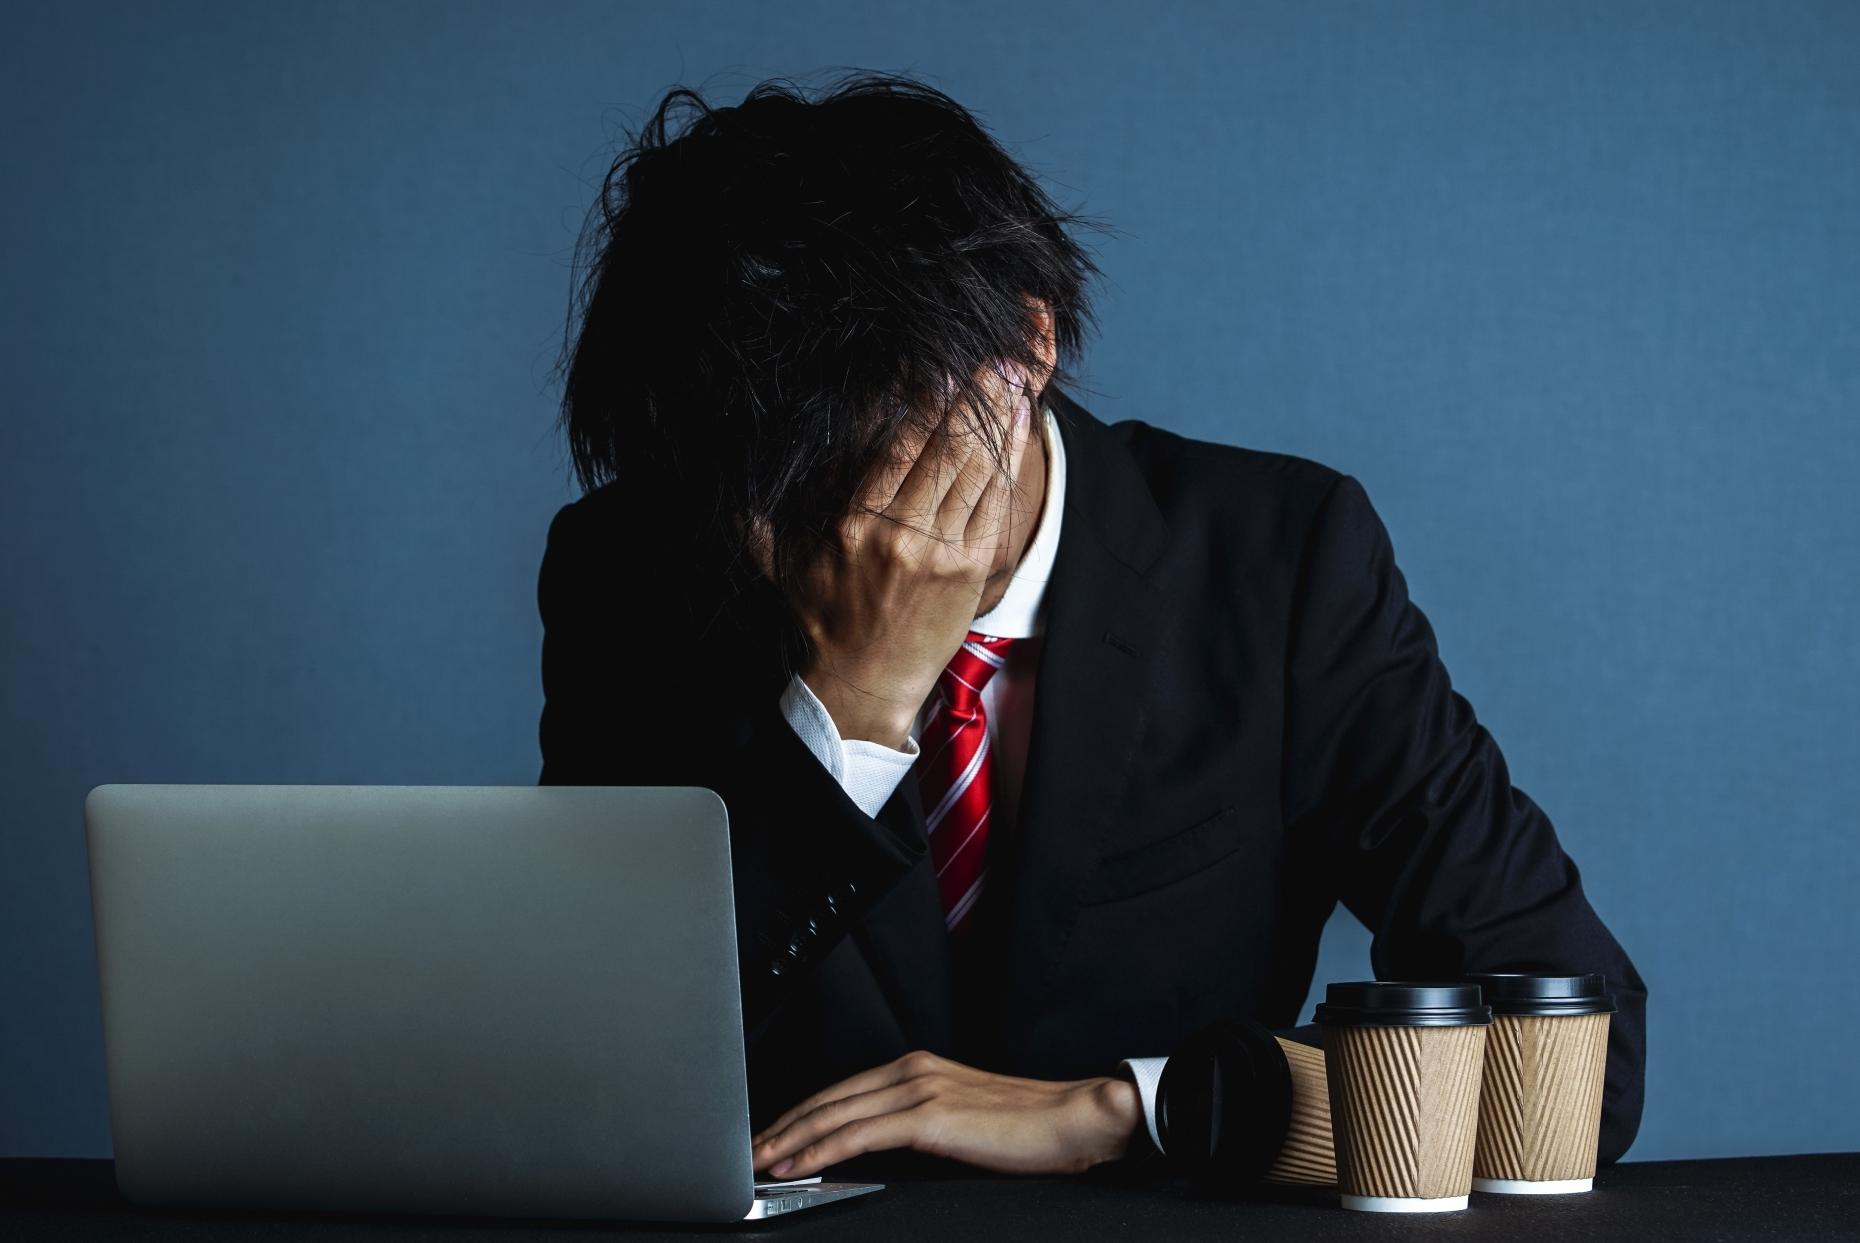 焦り・パニック!!仕事・業務・作業量が多すぎてパンクする人の解決策・対処方法